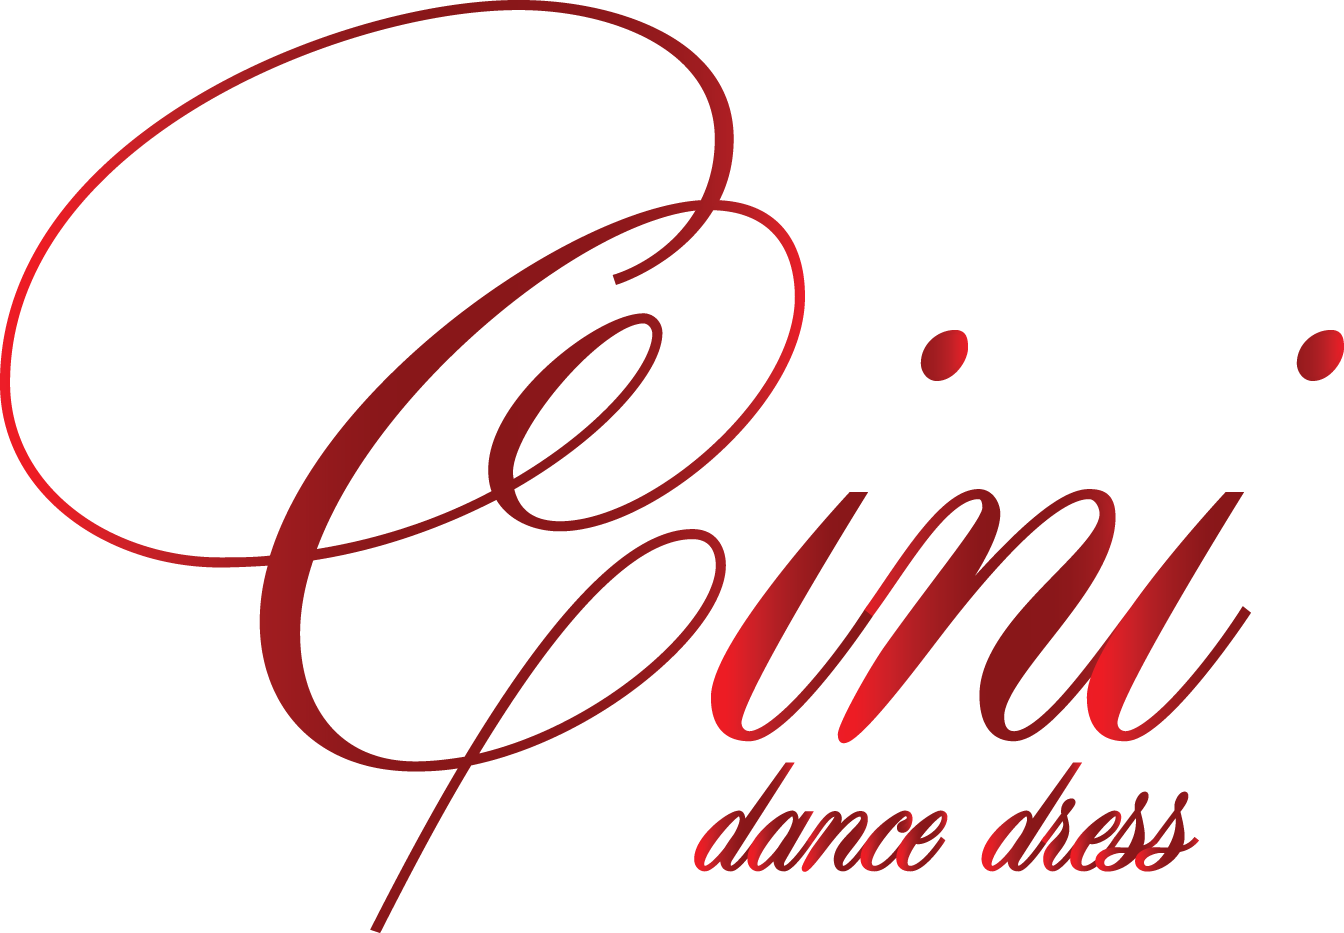 Cini.hu